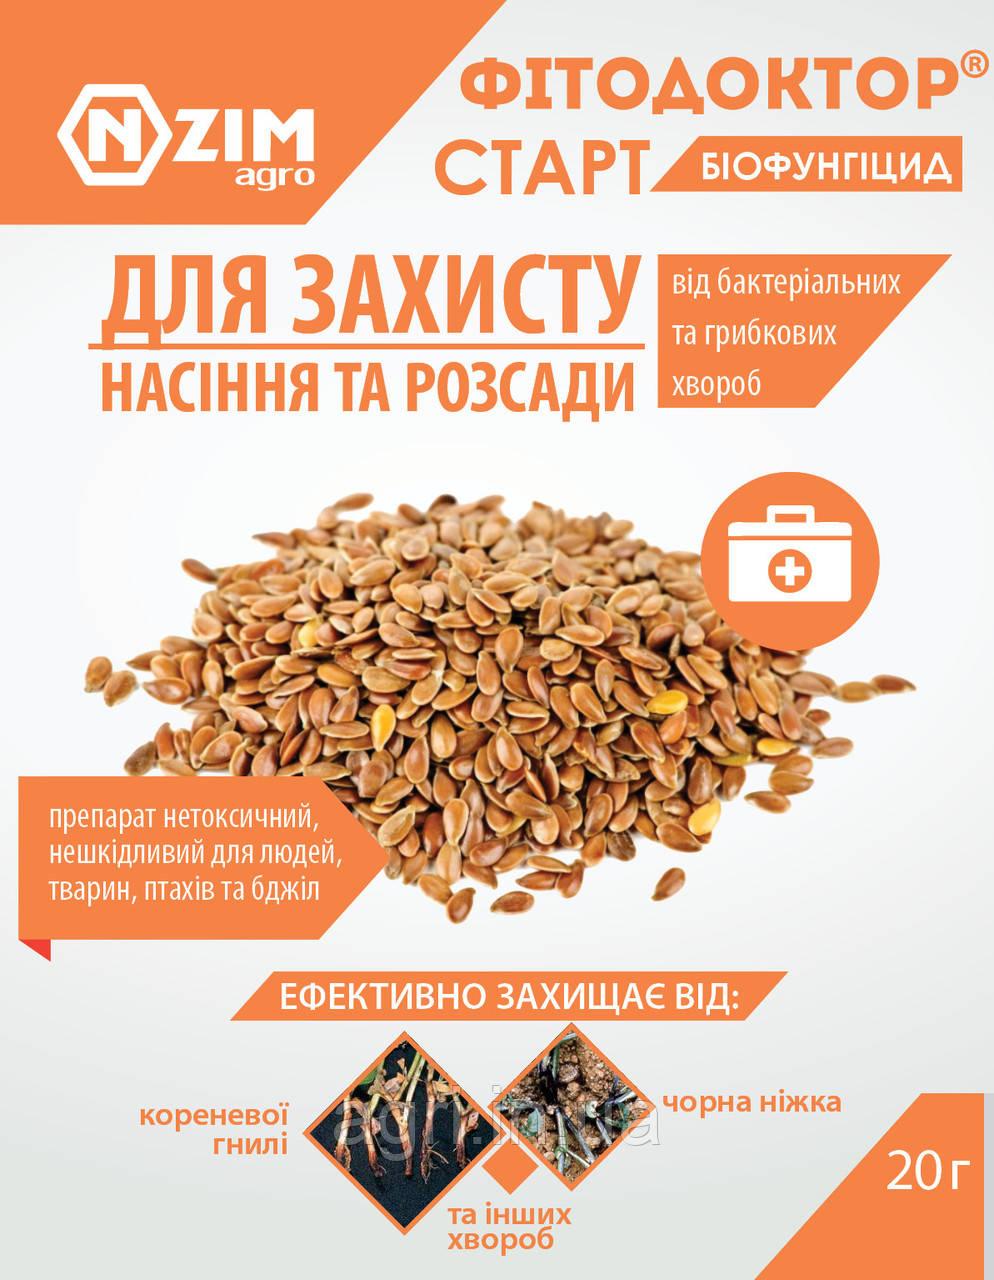 ФитоДоктор СТАРТ, 20гр